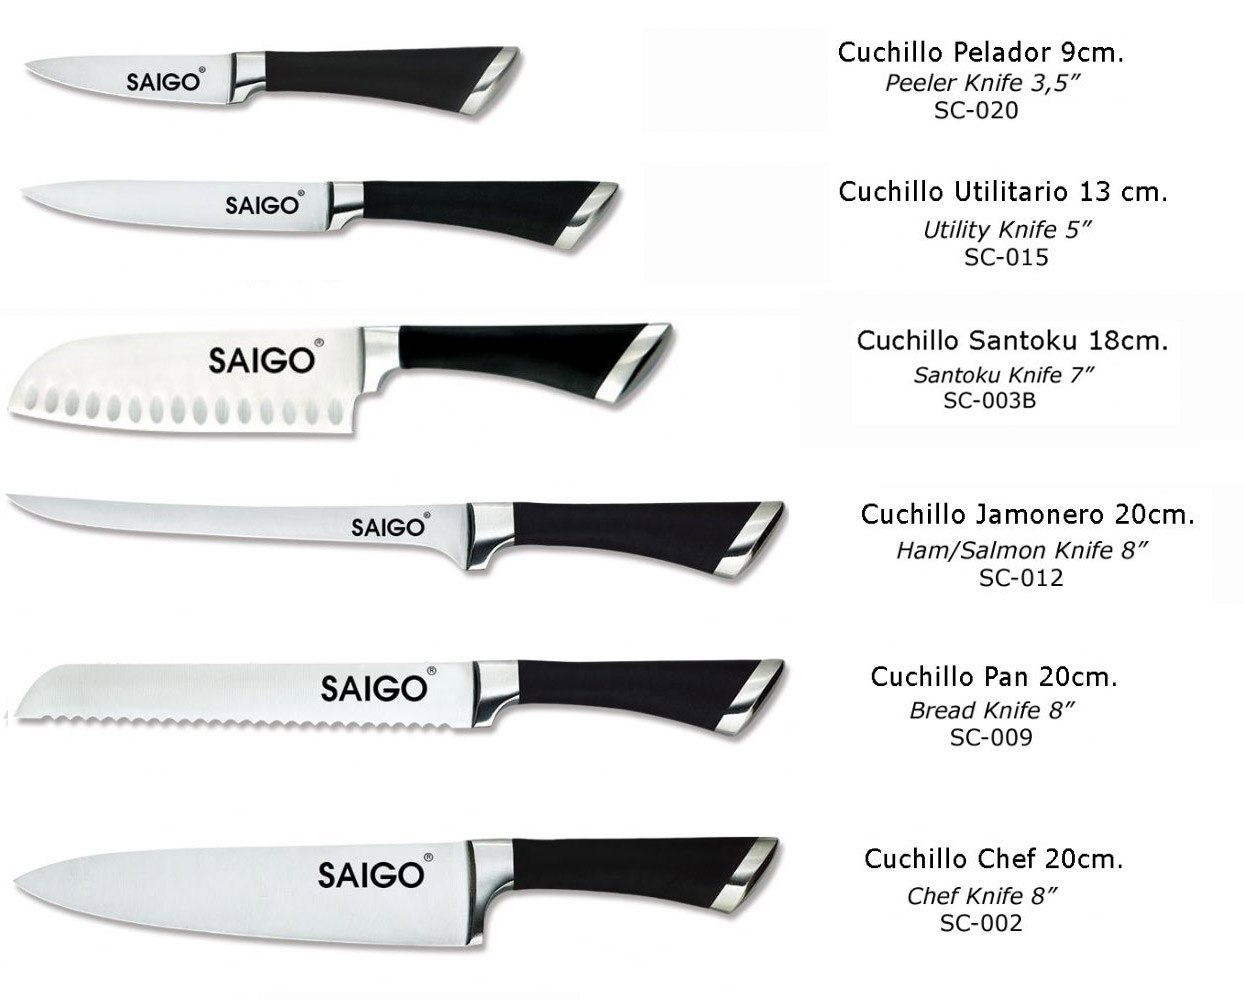 Cuchillos de cocina cuchillos cocina combo for Cuchillos de cocina